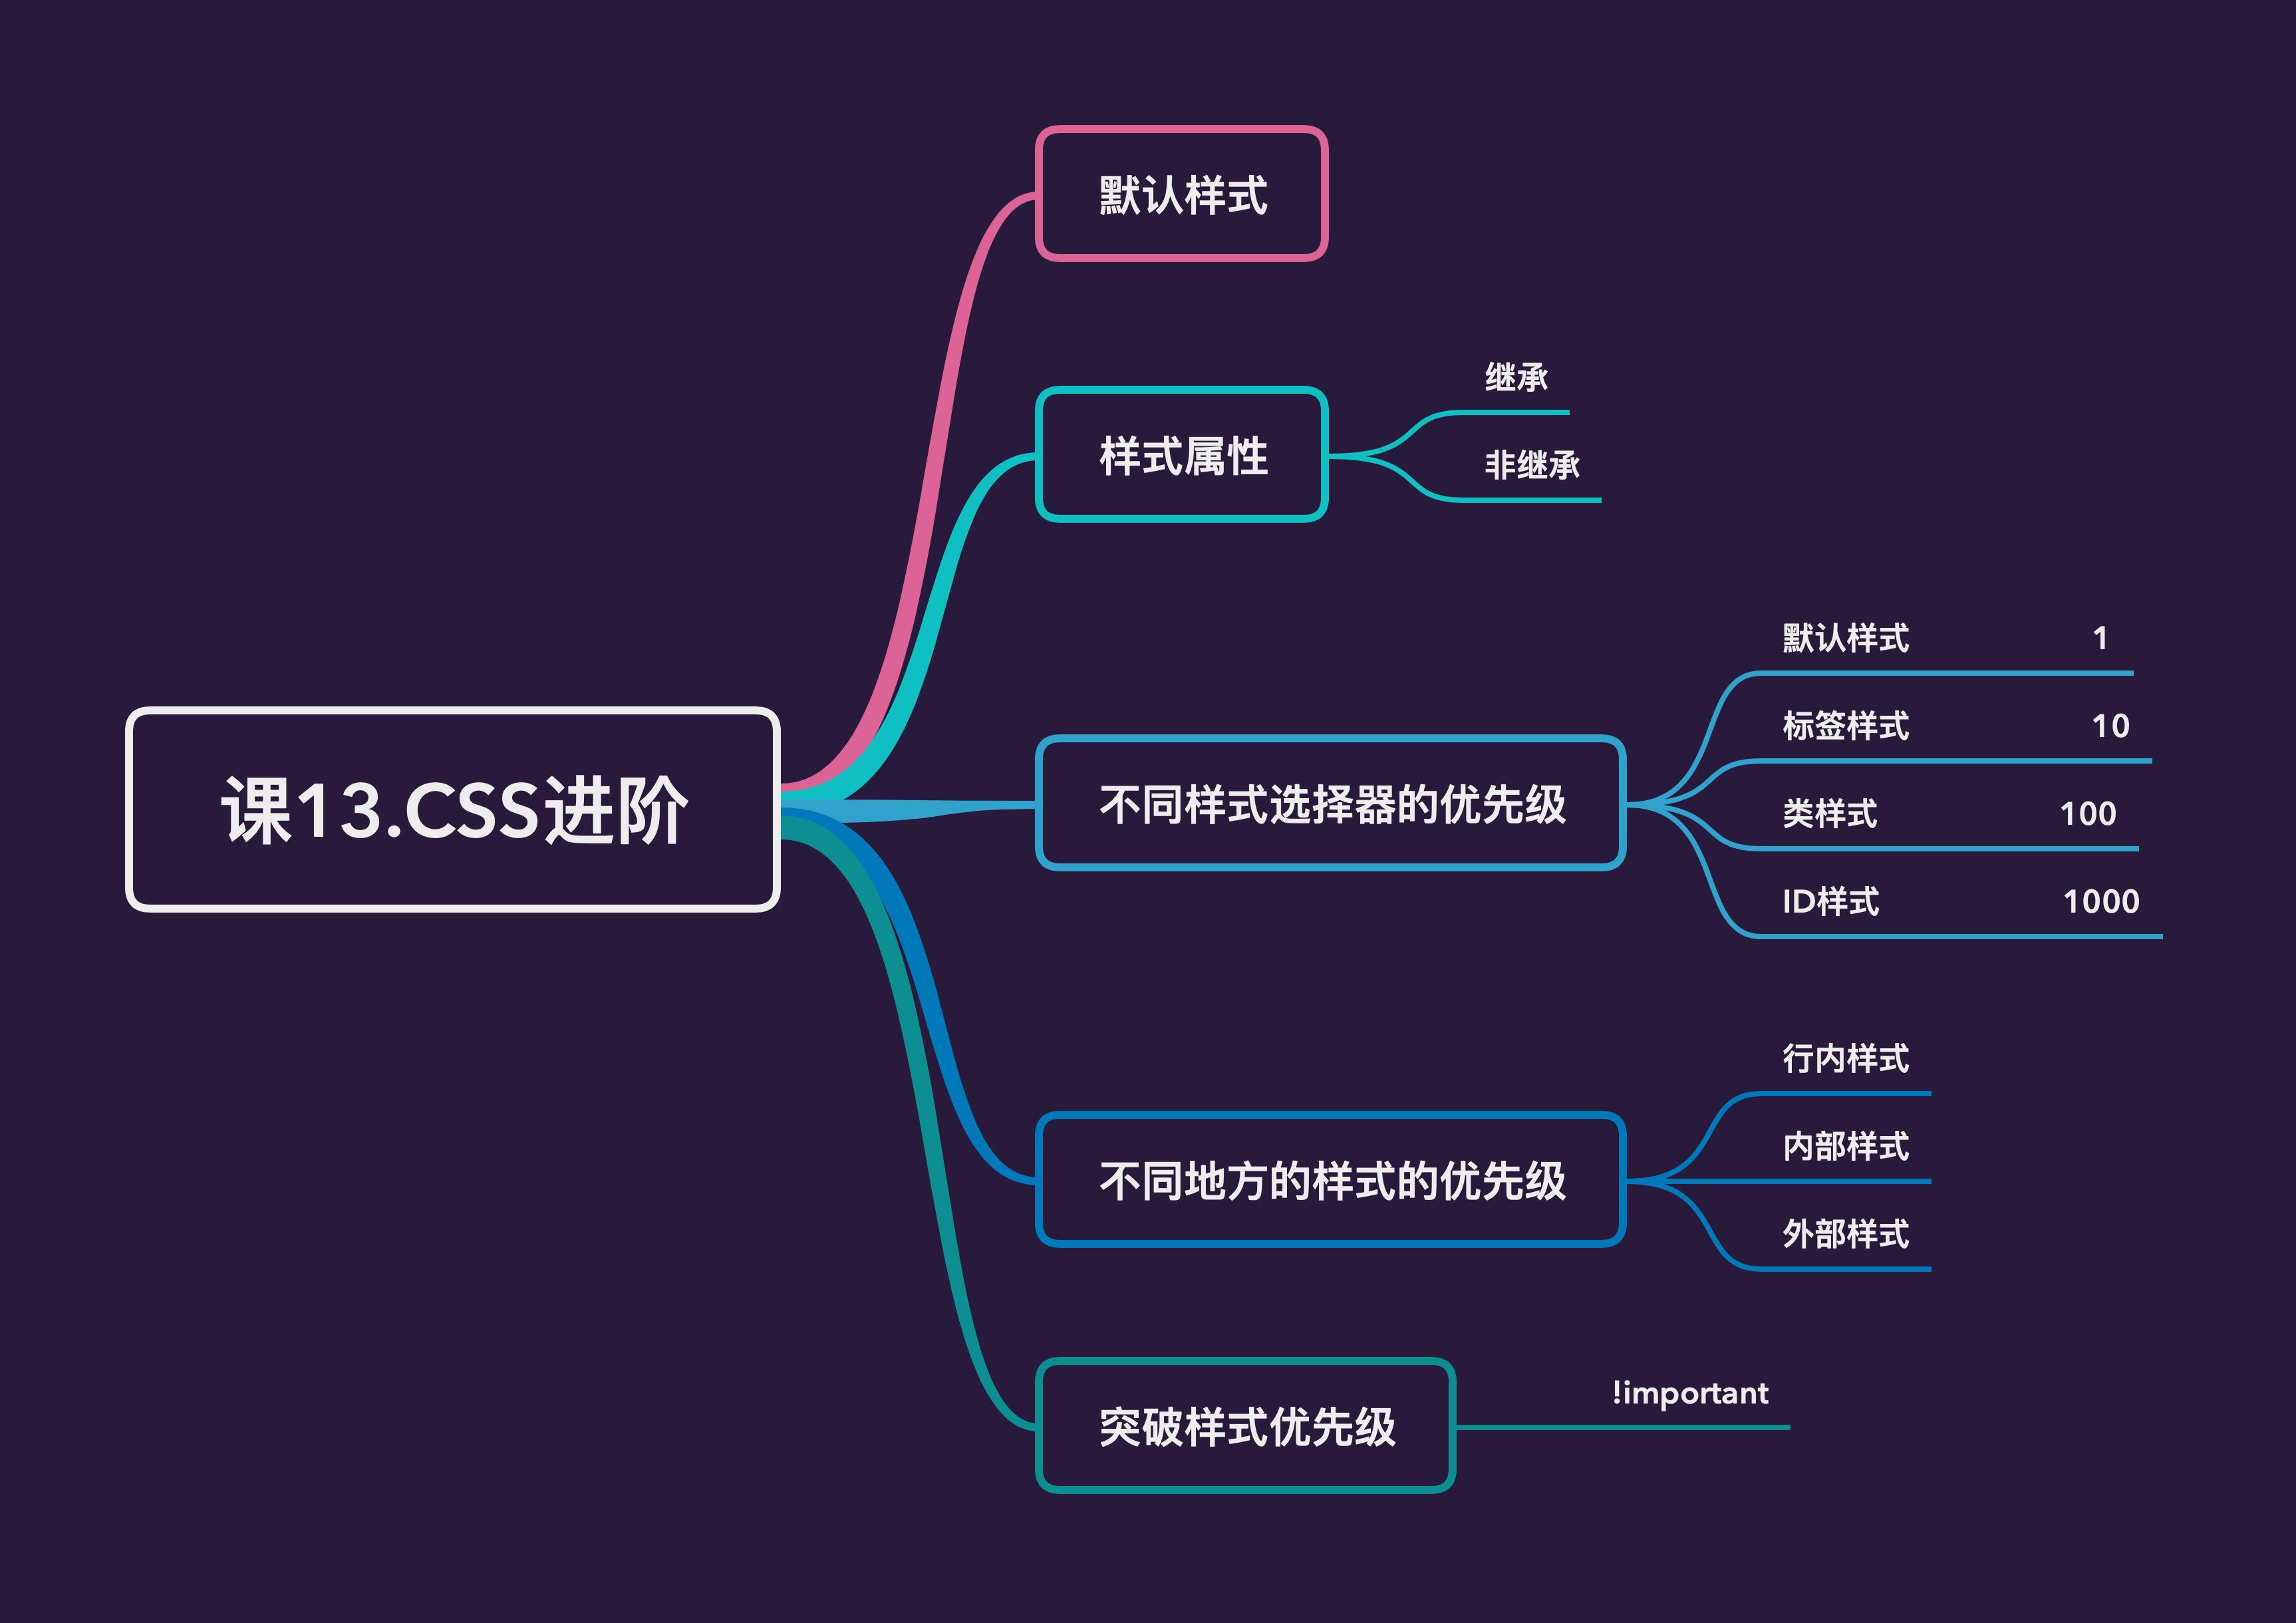 课13.CSS进阶——大纲